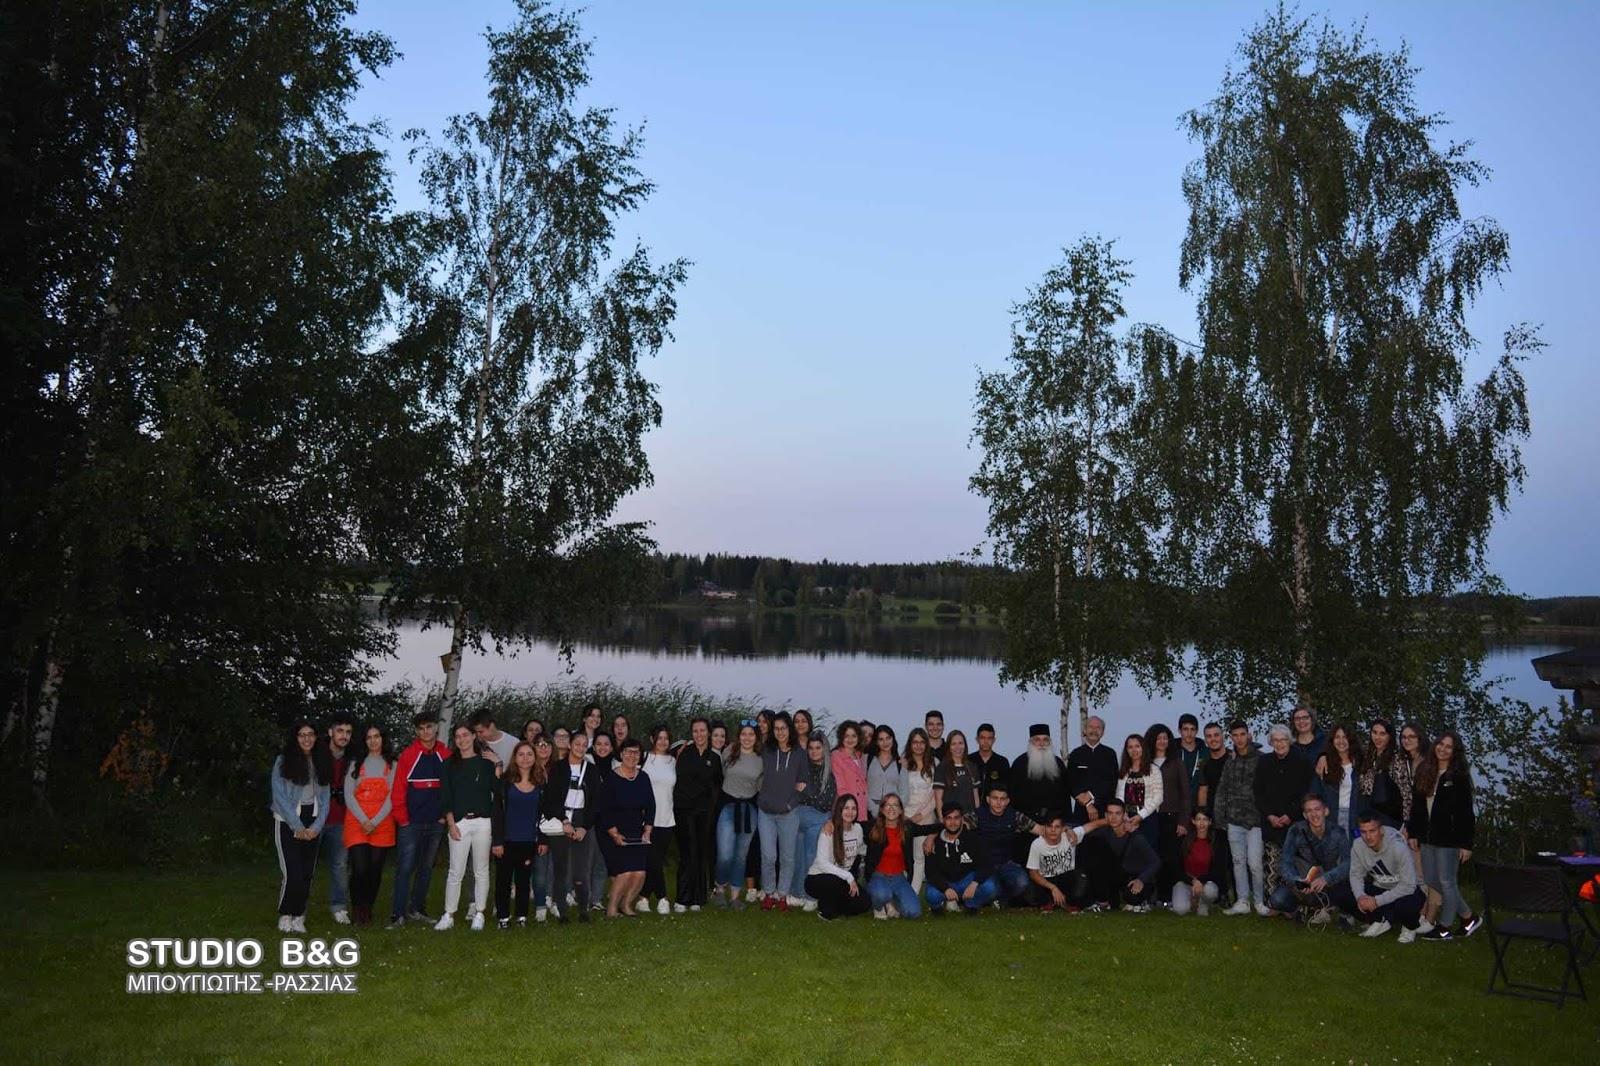 Ο Μητροπολίτης Αργολίδος κ. Νεκτάριος με φοιτητές και μαθητές στη Φινλανδία